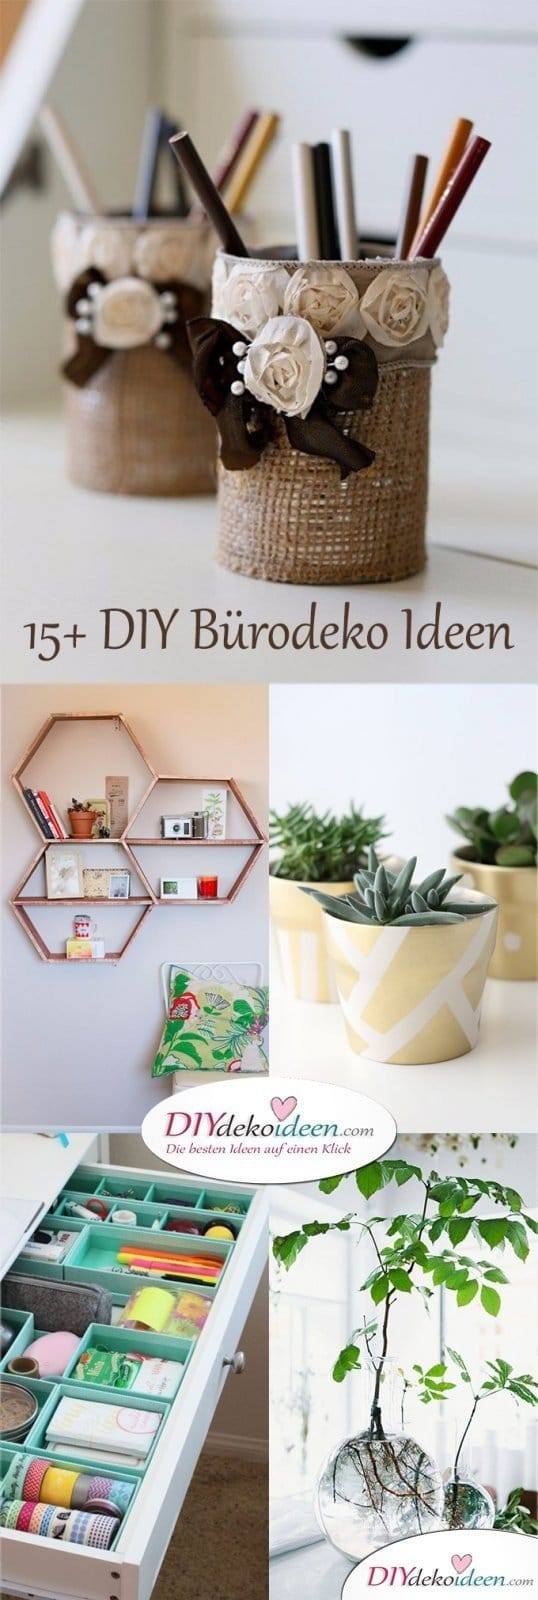 15+ DIY Bürodeko Ideen